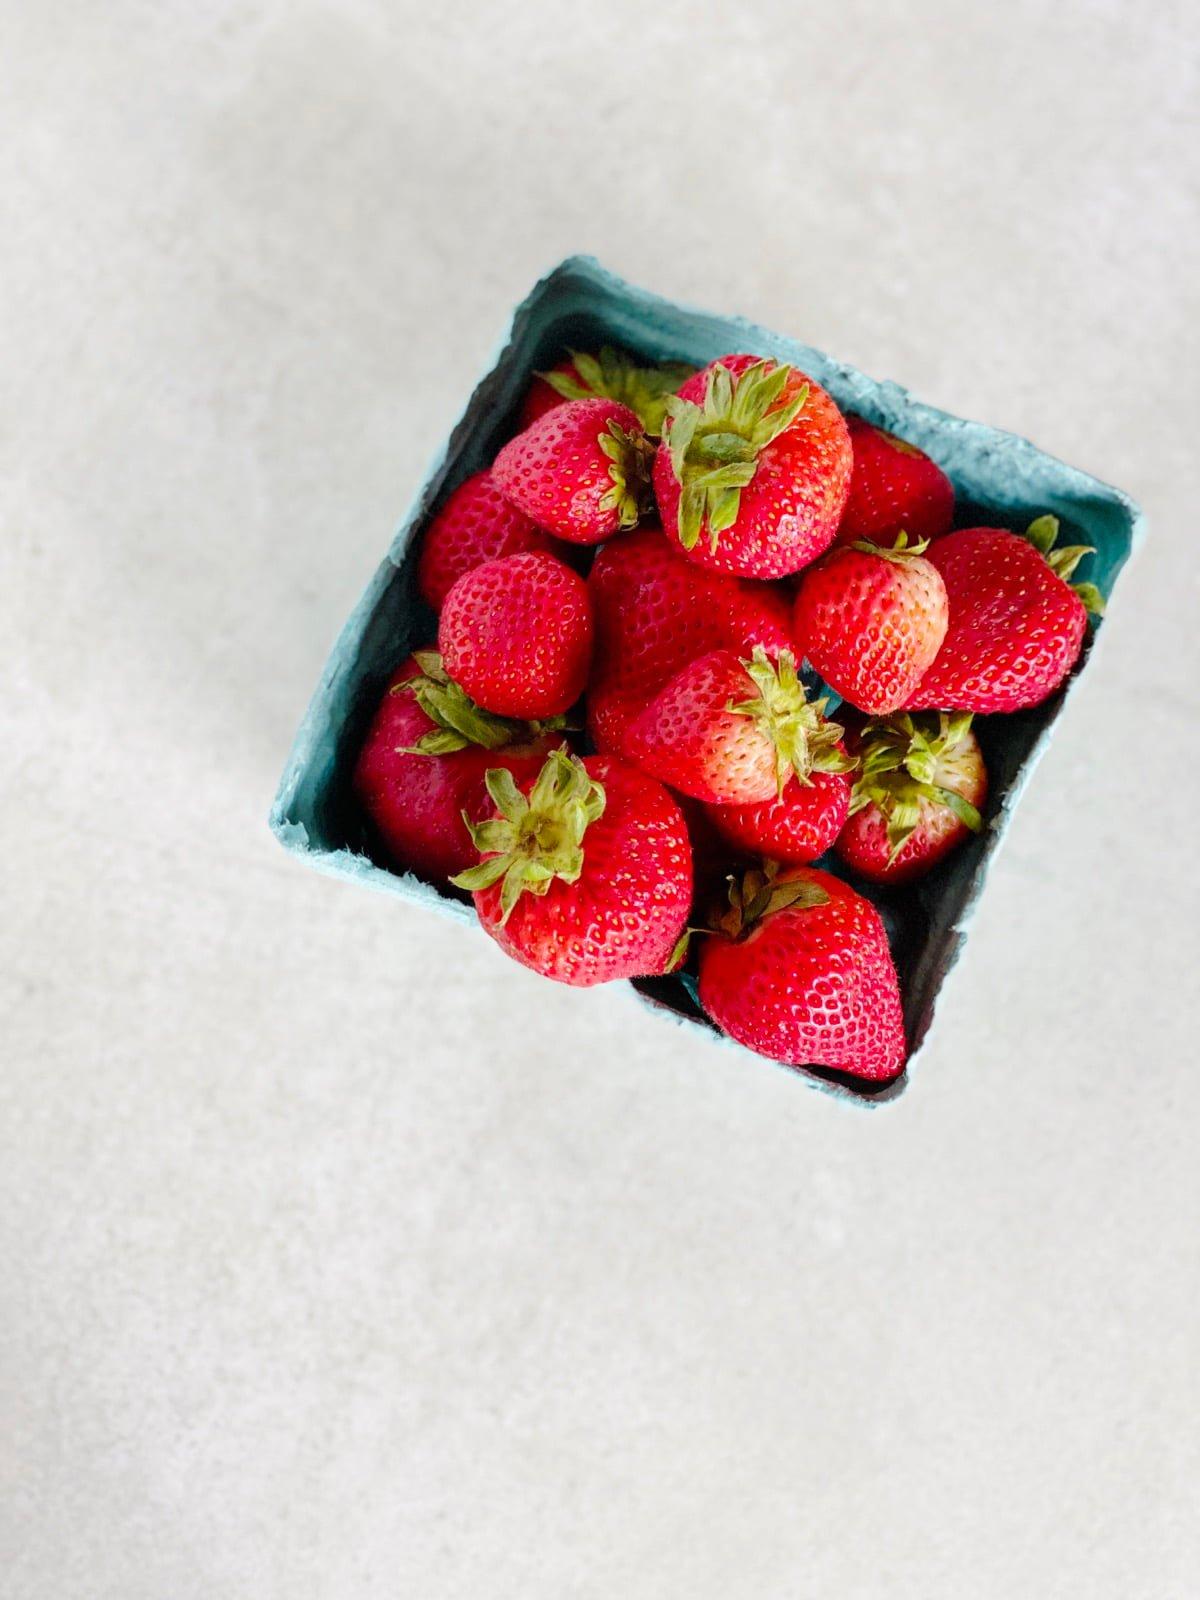 Pint of fresh strawberries